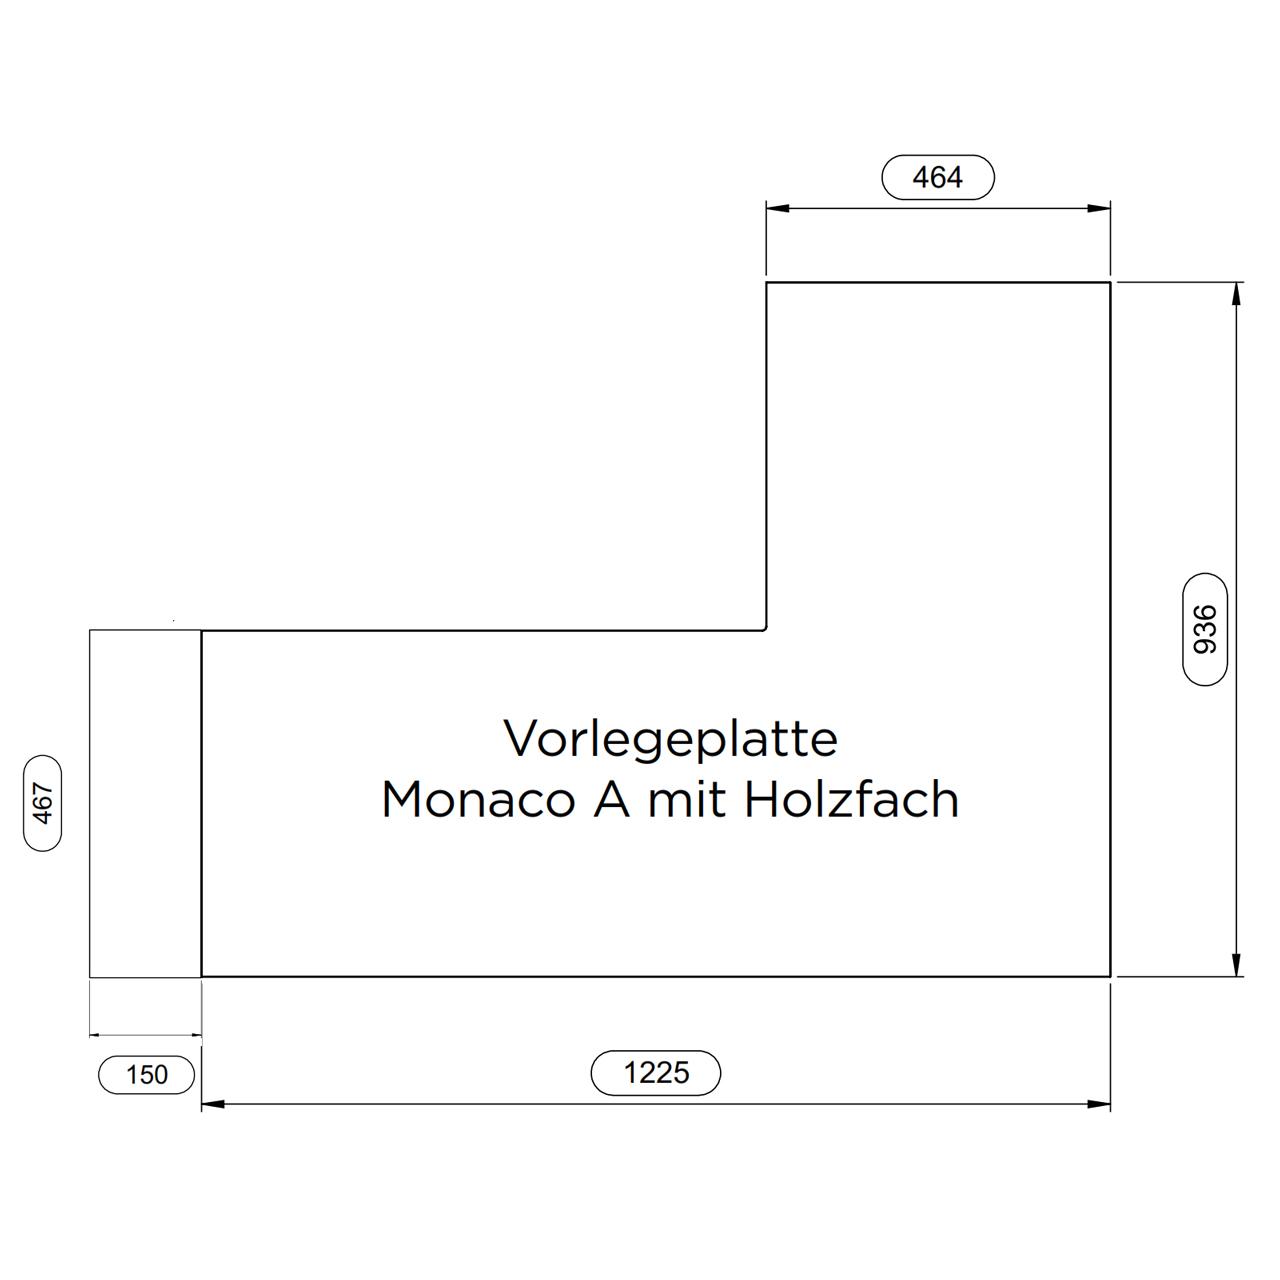 TECHZ-monaco-a-holzfach-vorlegeplatte